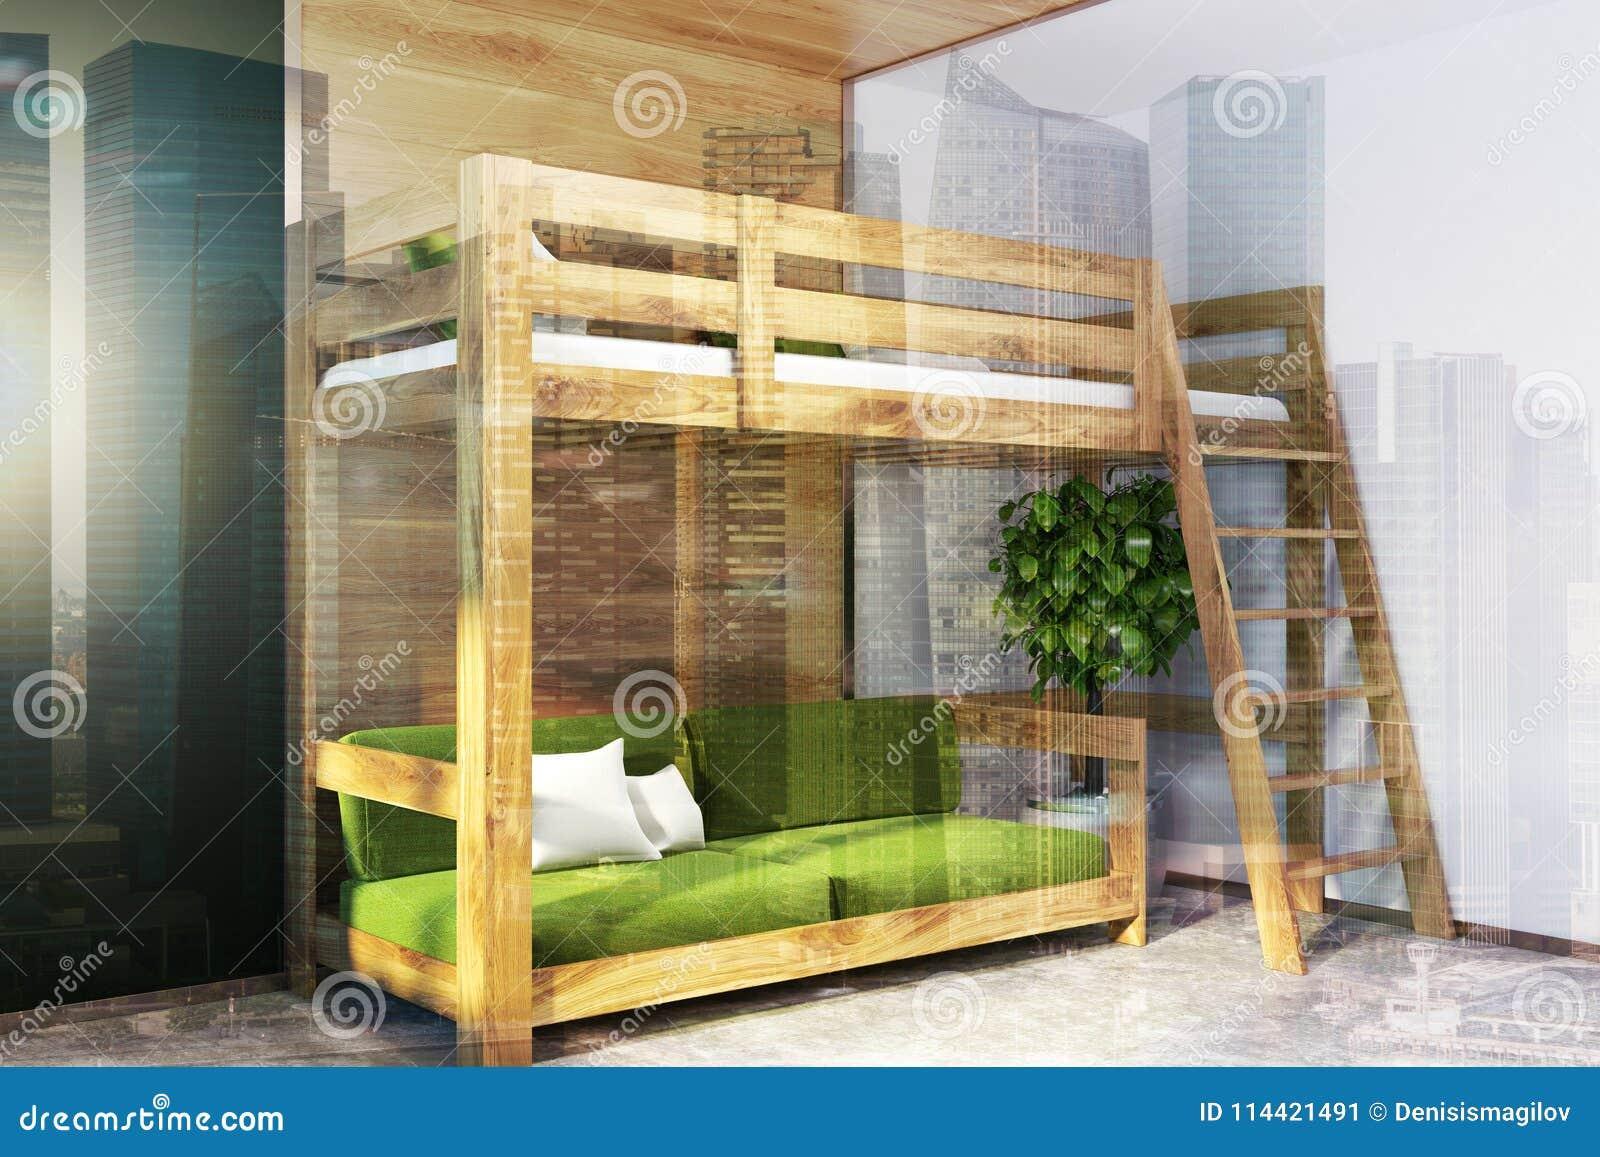 Black Bedroom Corner Green Loft Bed Toned Stock Illustration Illustration Of Gender Colorful 114421491